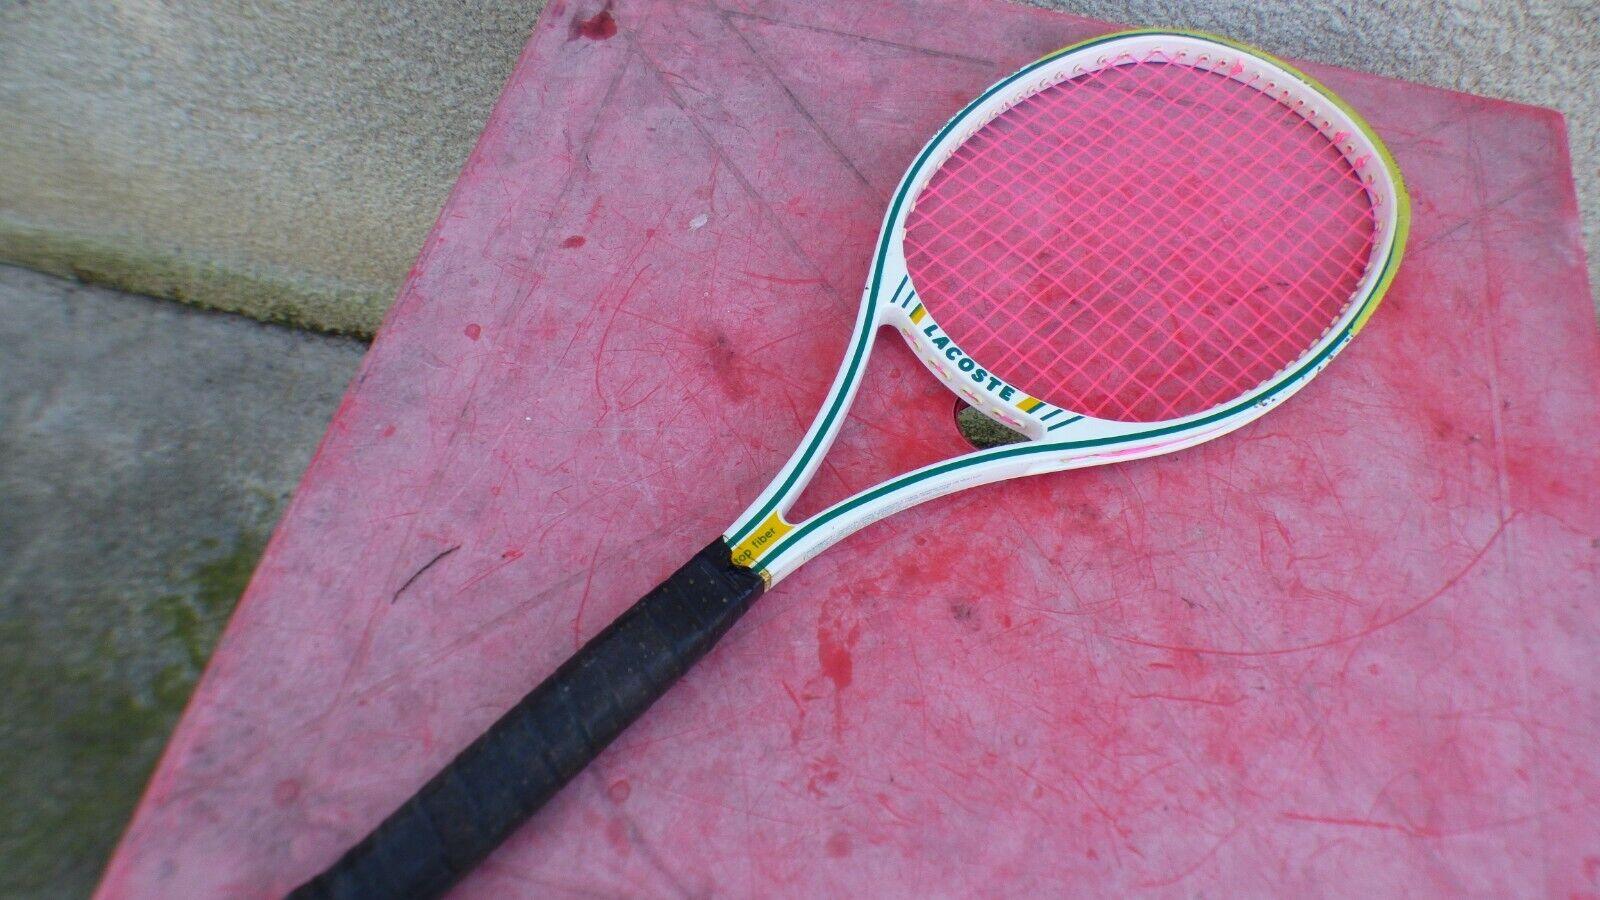 Raquette de tennis Lacoste Top Fiber vintage